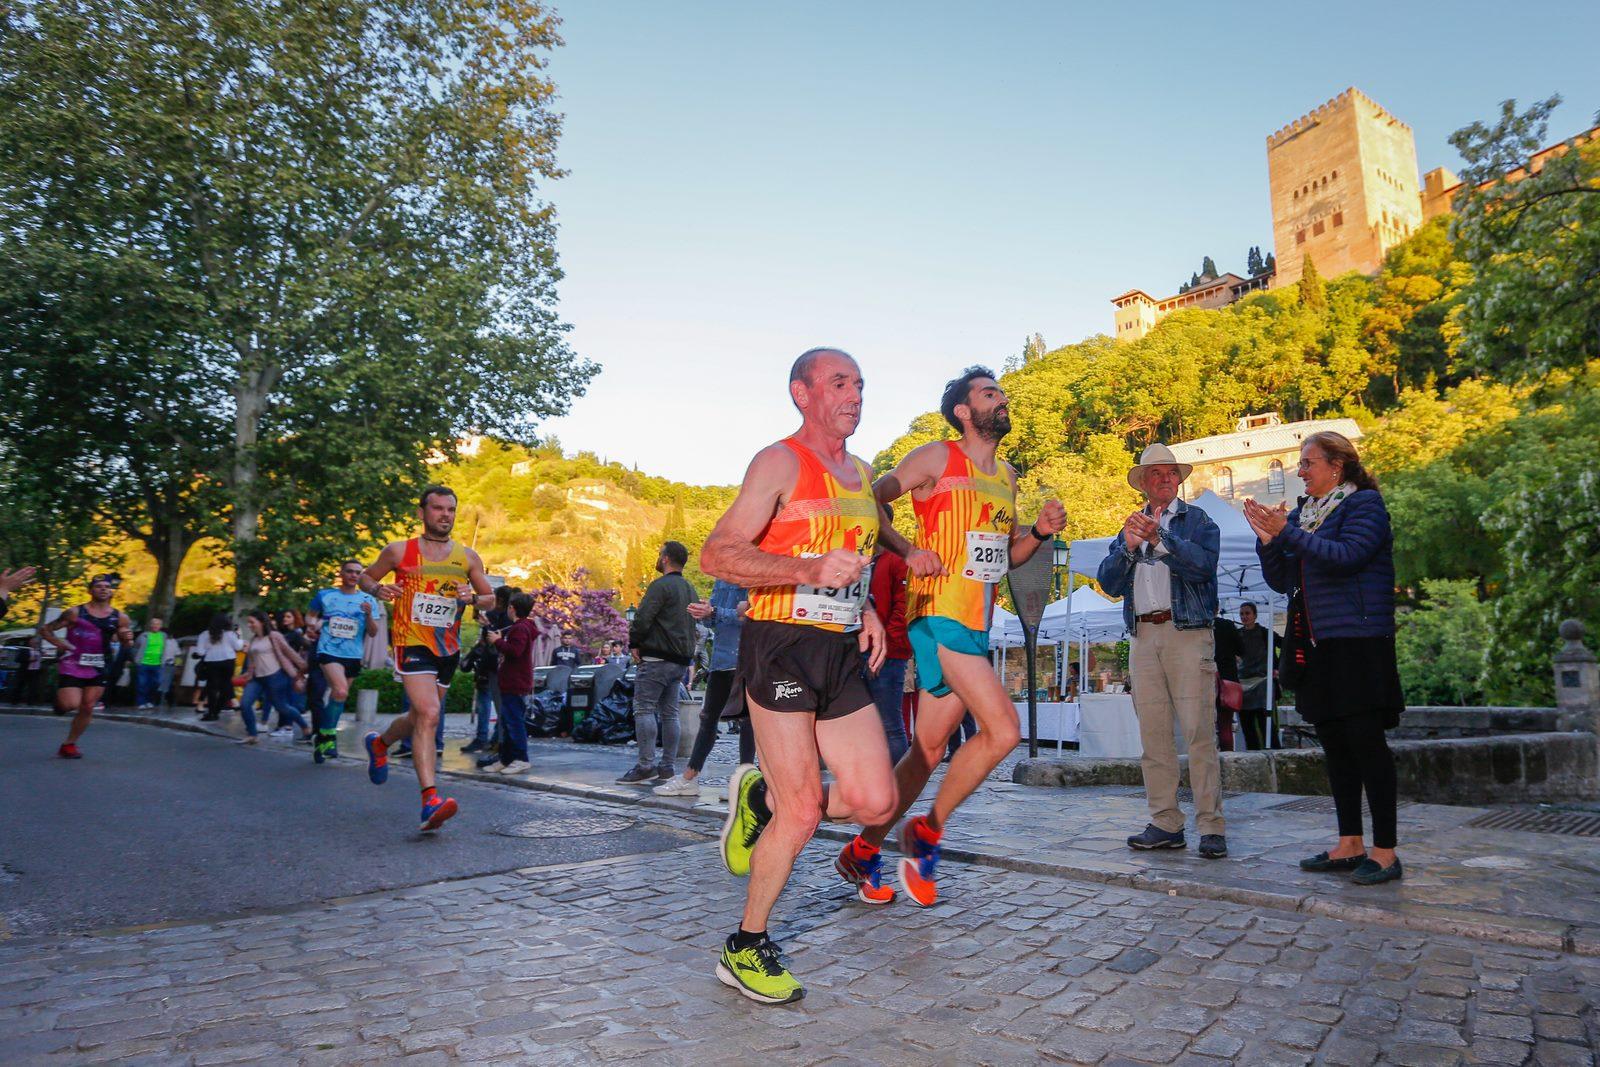 Un repaso al recorrido de la Media Maratón, en imágenes